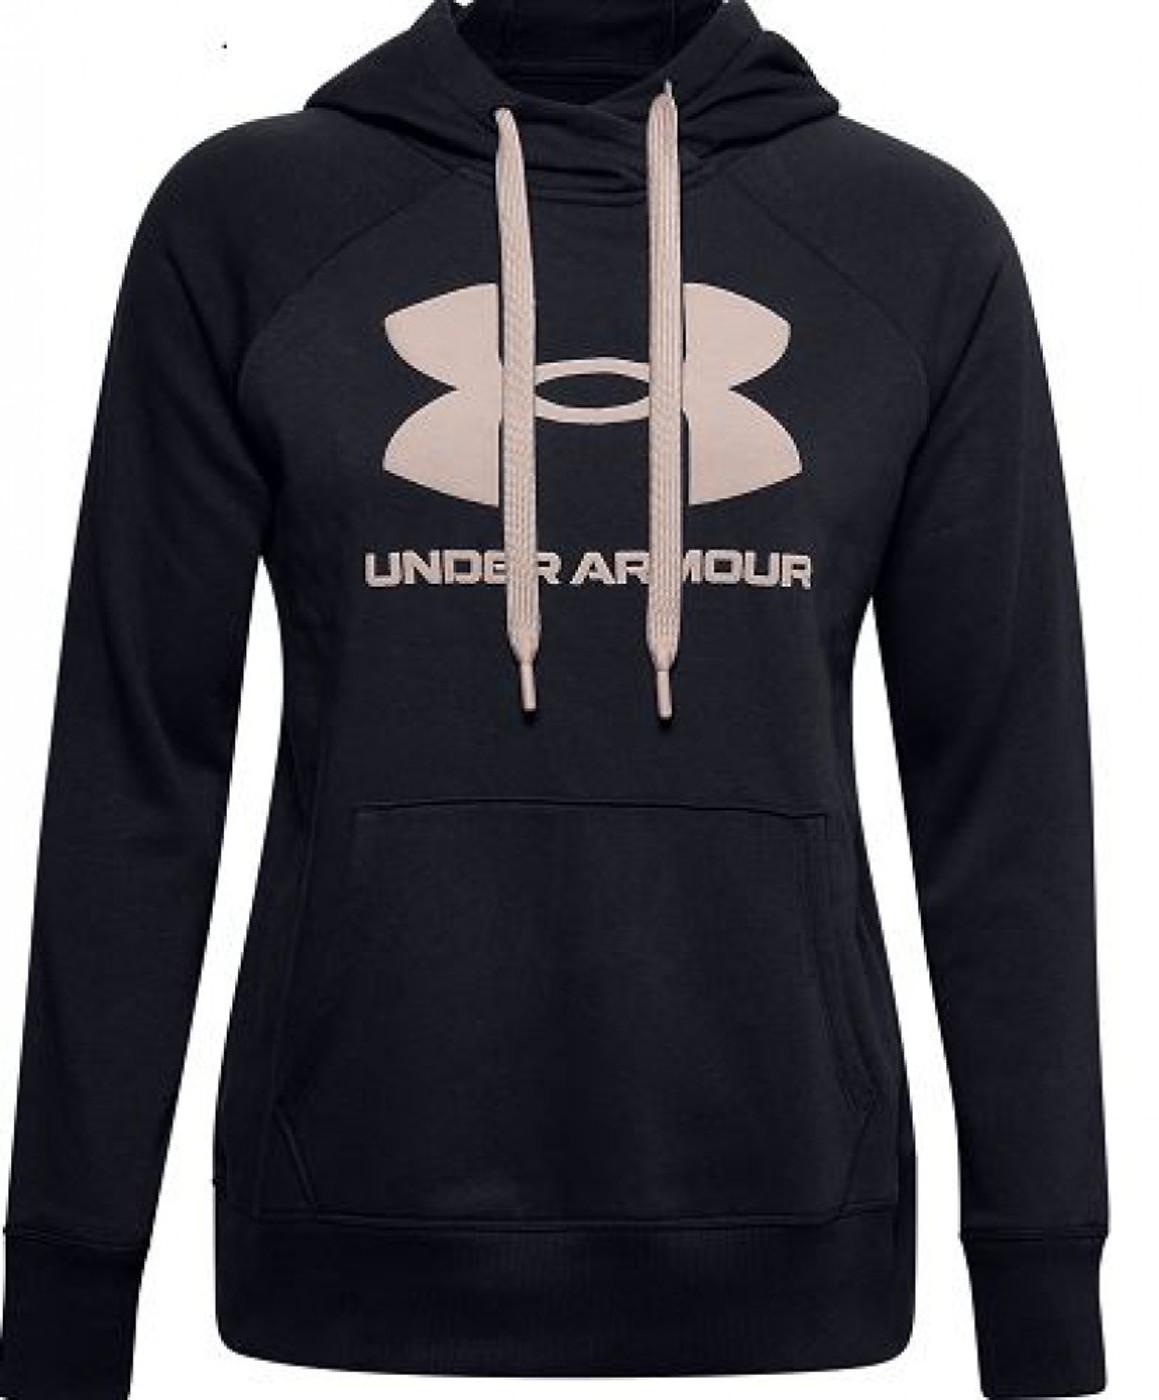 UNDER ARMOUR Rival Fleece Logo Hoodie - Damen